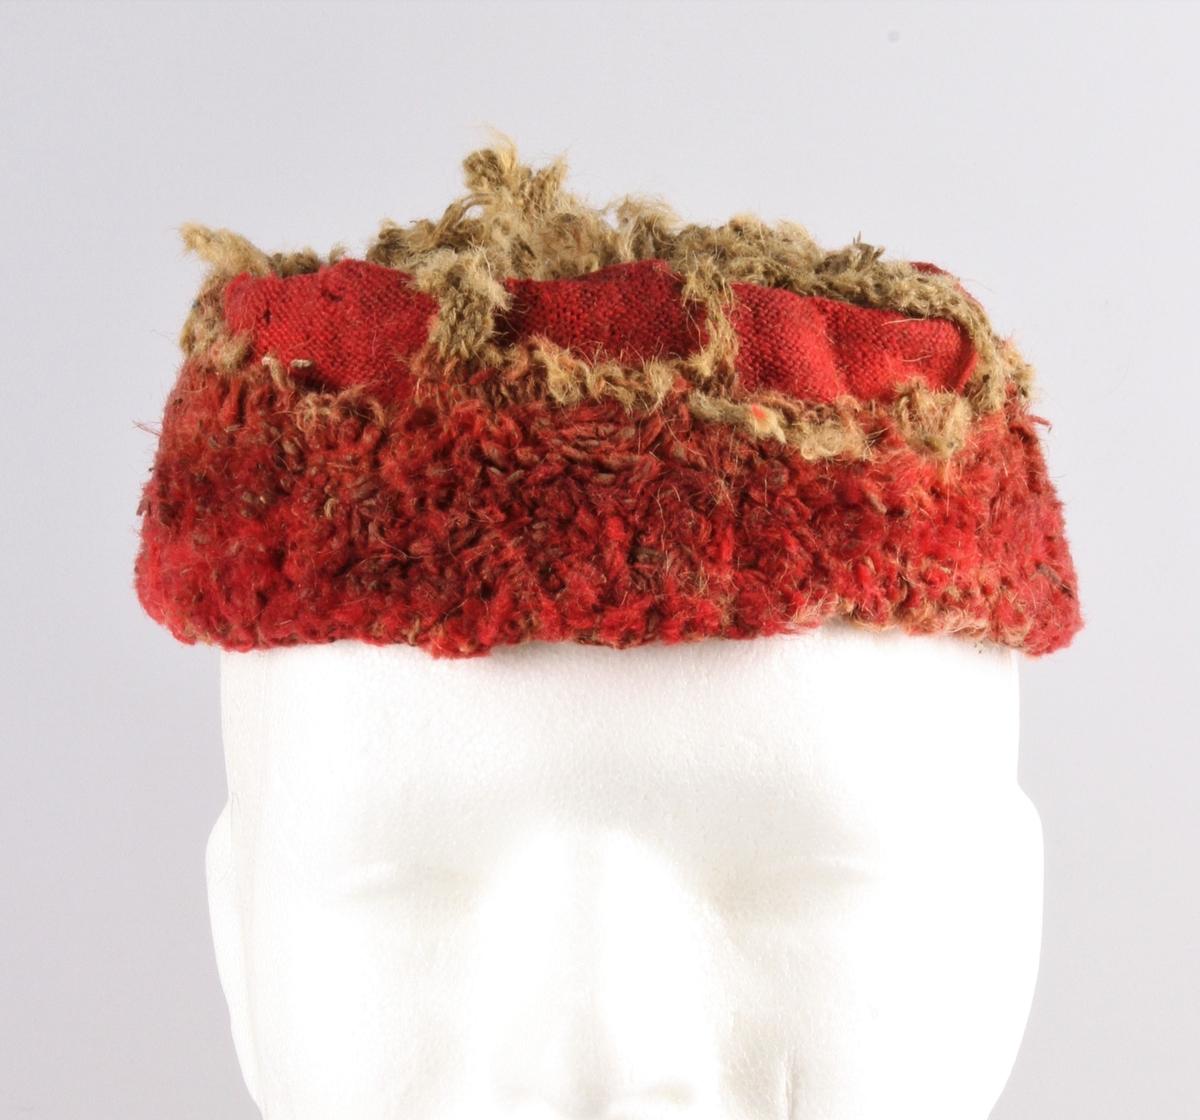 """Rester av topplue strikket i høyrødt garn. Lua er glattstrikket fram og tilbake (5 masker pr cm) og er sammensydd i nakken. 7 cm dobbel kant med bukt øverst og antakelig også nederst. Brettekanten er festet ned med noen sting i forkant. Inni er kanten flosset med rød tråd. Antakelig har hele lua vært rød utenpå, men det er strikket fôr i hvitt (gulgrått?), her er maskene grovere og løsere. Selve lua kan være maskinstrikket. Kilde Ragnhild Bleken Rusten, Totn årbok 1994. Kommentar (RBR): Kan dette være et eksemplar fra Mykkby Manufakturen? Les bygdebok for Stor Elvdal av Fosvold. Manufakturen gikk under navnet """"Enigheten""""."""